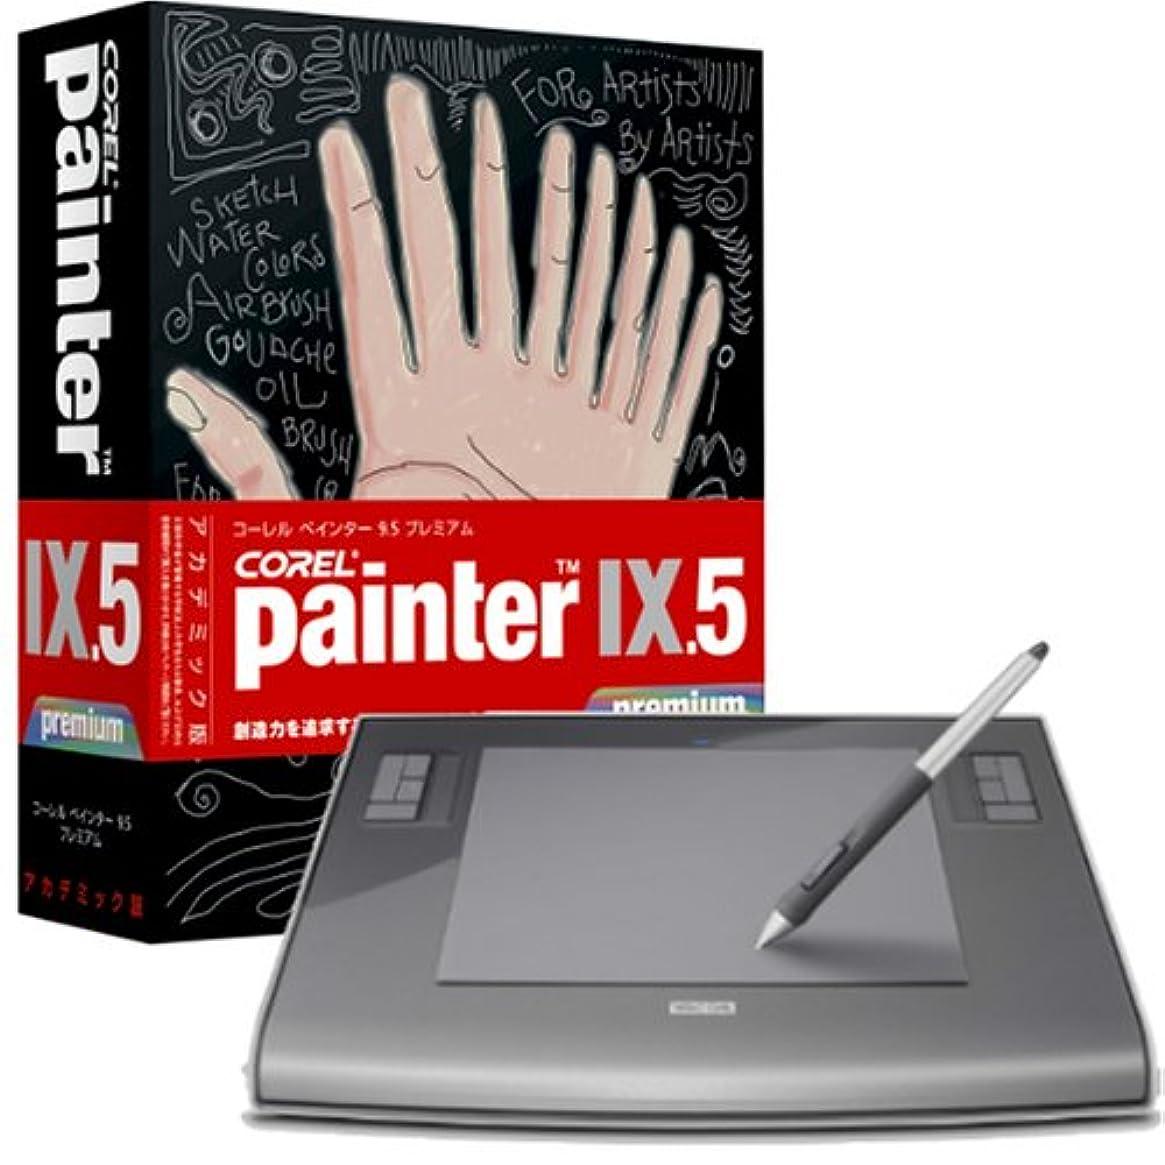 しなやかなロマンチック戻すCorel Painter 9.5 Premium アカデミック版+WACOM Intuos3 A5サイズ(替え芯付き) バンドルセット